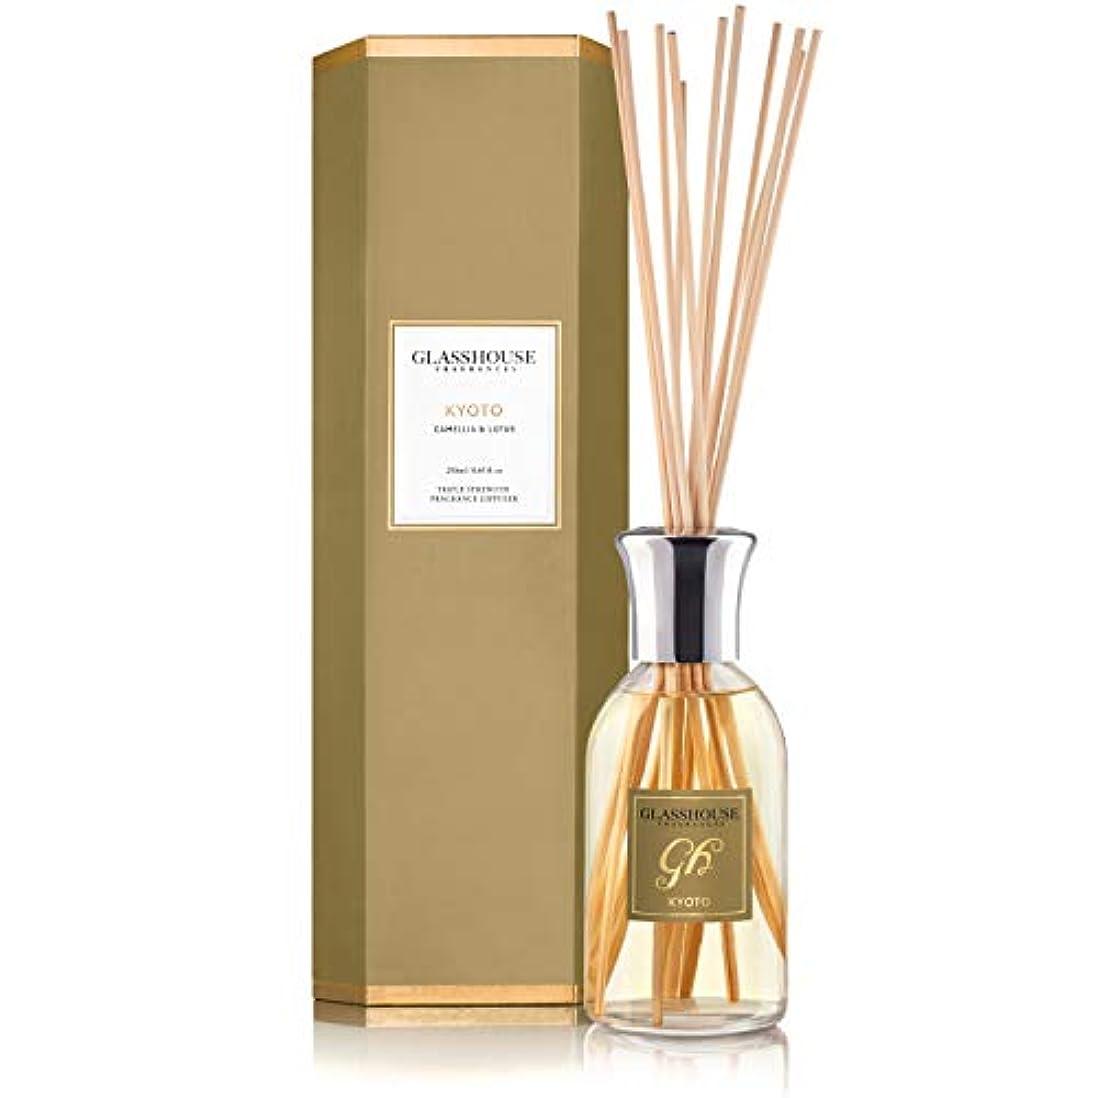 エージェント権限を与える毎月グラスハウス Triple Strength Fragrance Diffuser - Kyoto (Camellia & Lotus) 250ml/8.45oz並行輸入品